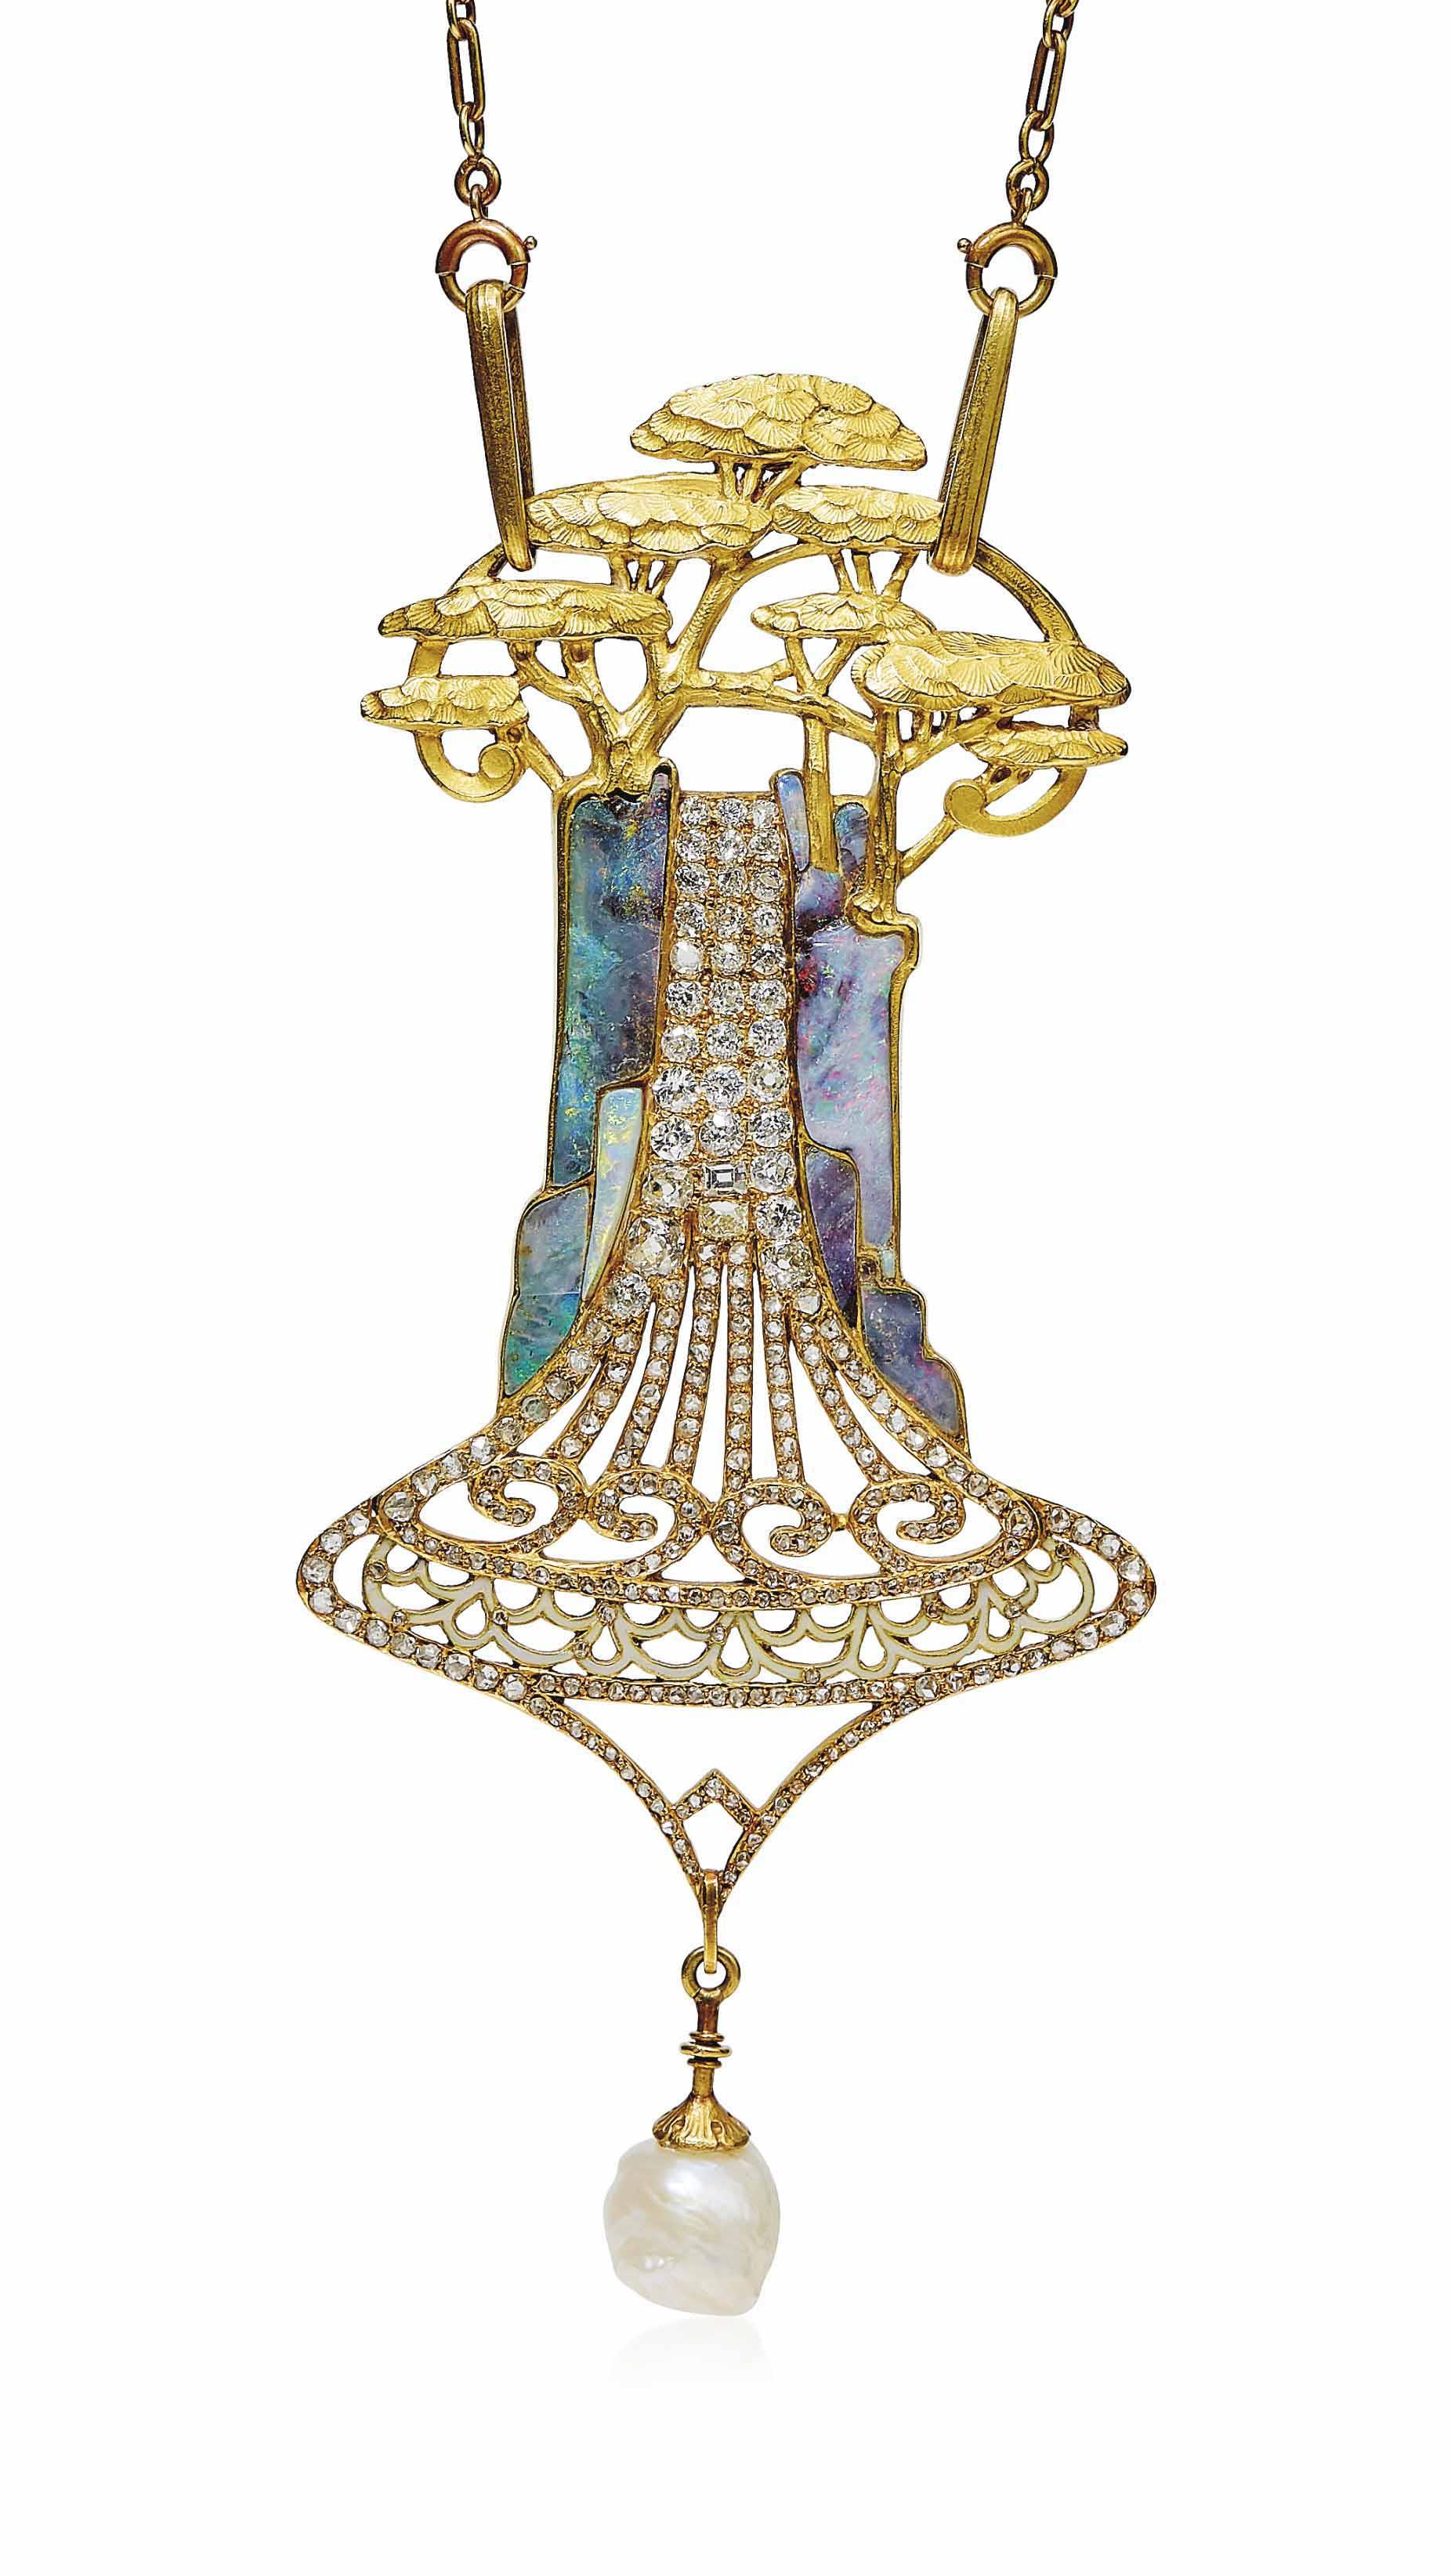 AN ART NOUVEAU OPAL, DIAMOND AND ENAMEL 'CEDARS' PENDENT NECKLACE, BY GEORGES FOUQUET